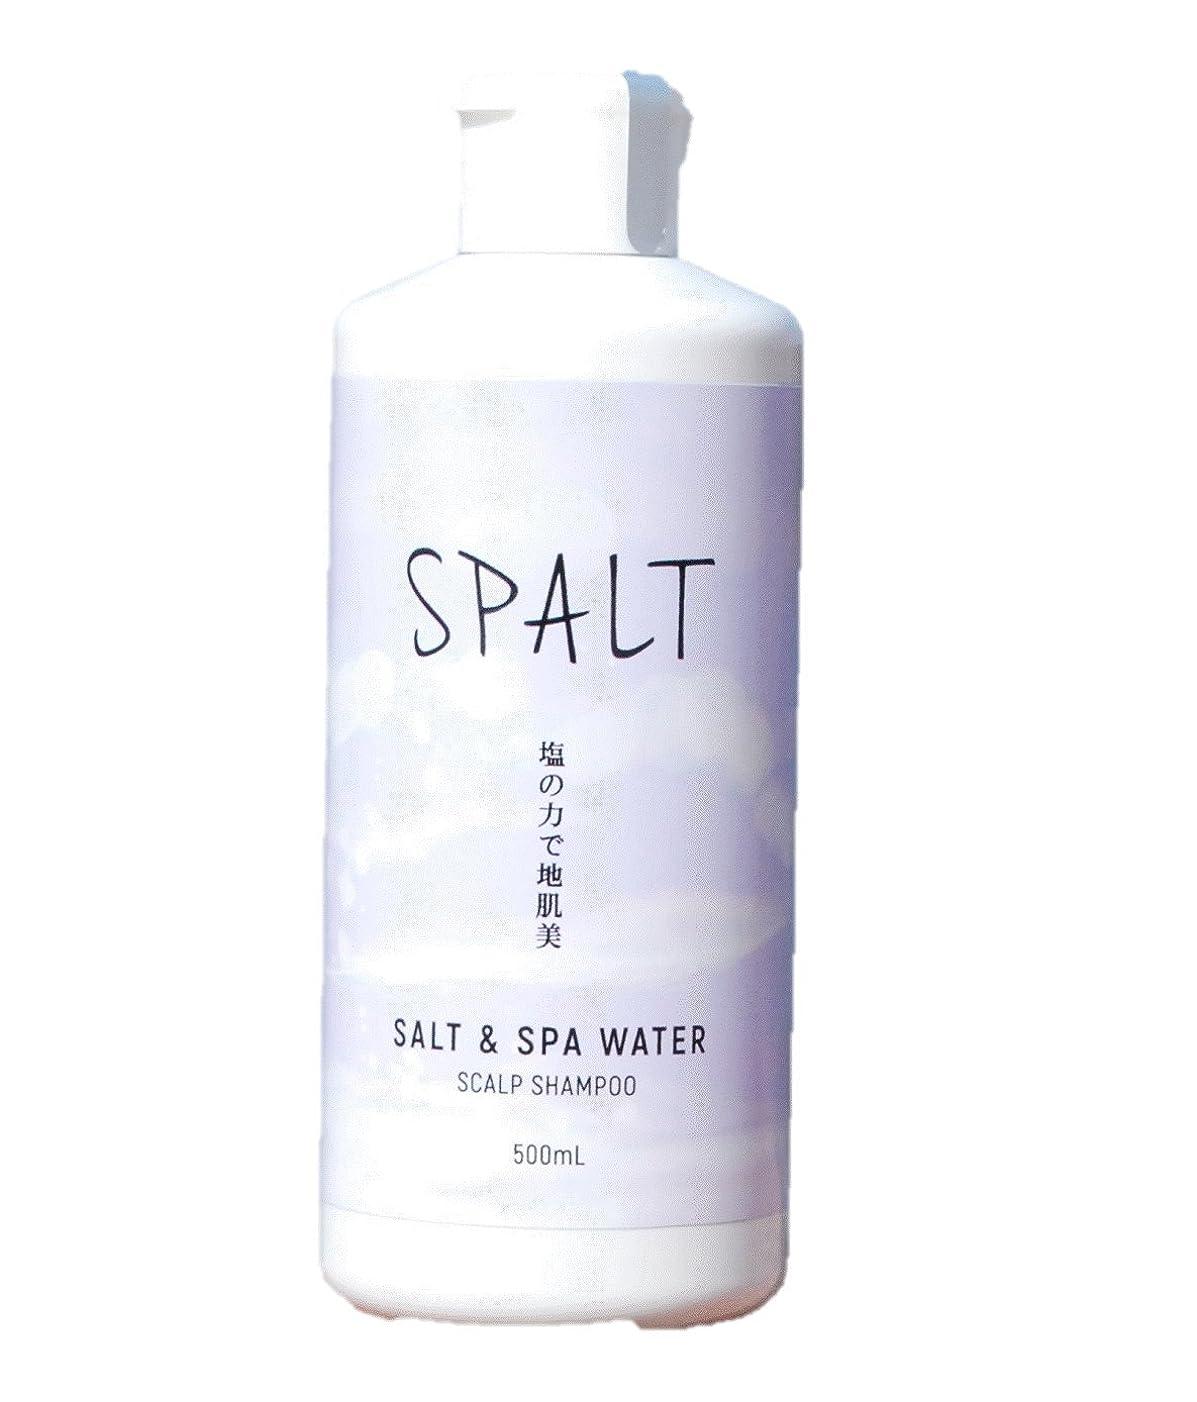 チャレンジ複雑な仲人塩シャンプー 皆生温泉水シャンプー スパルト